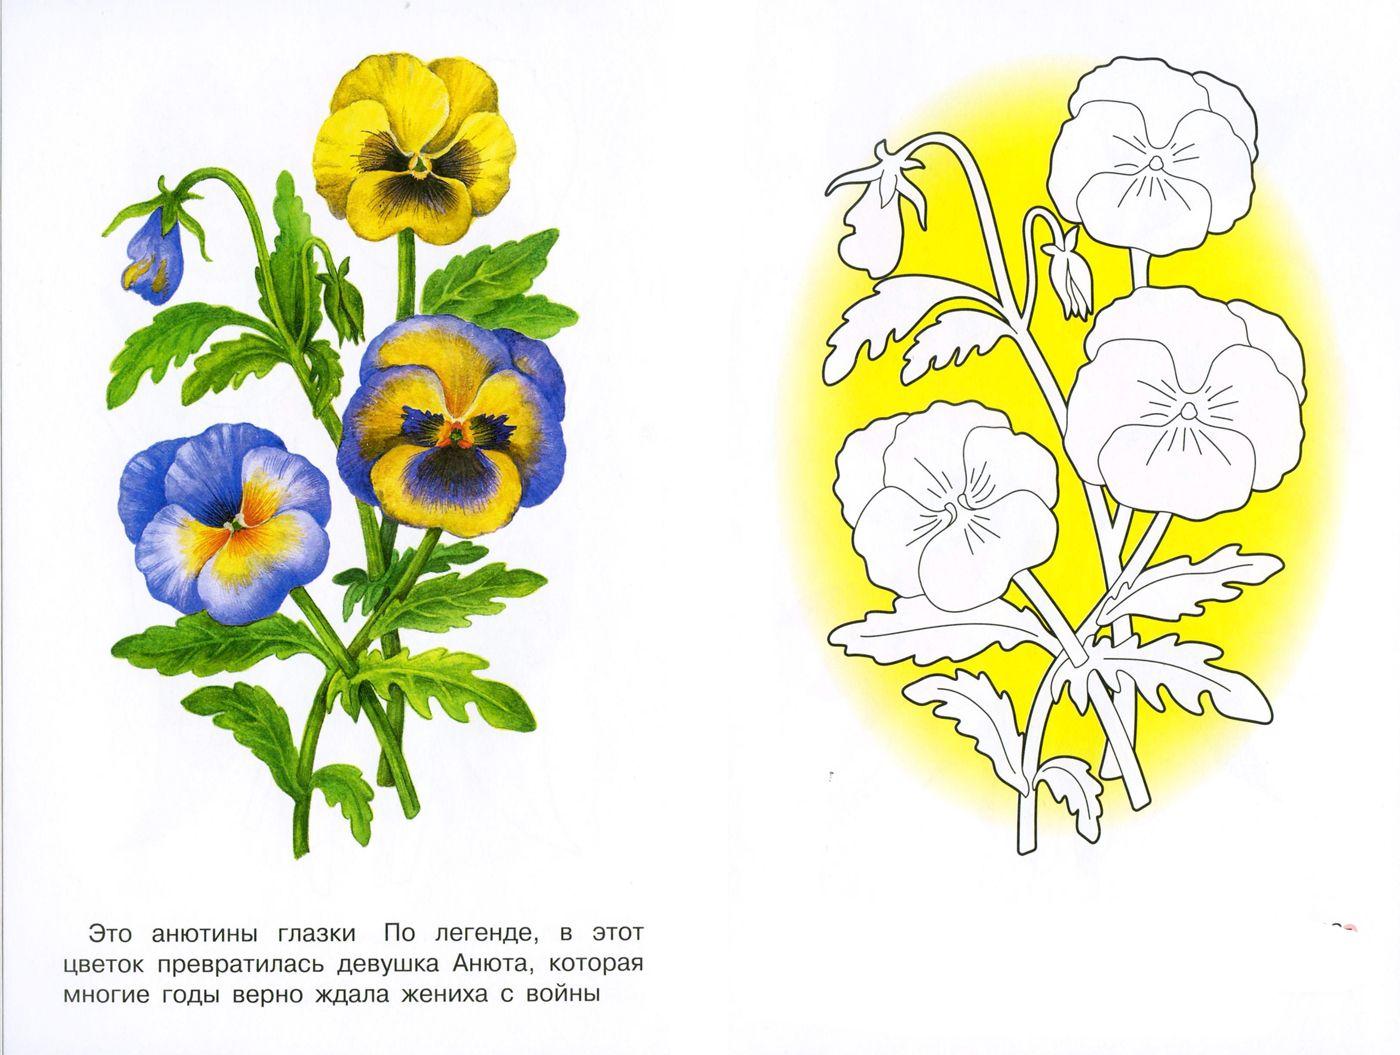 раскраска анютины глазки цветы краисвые | Раскраски ...